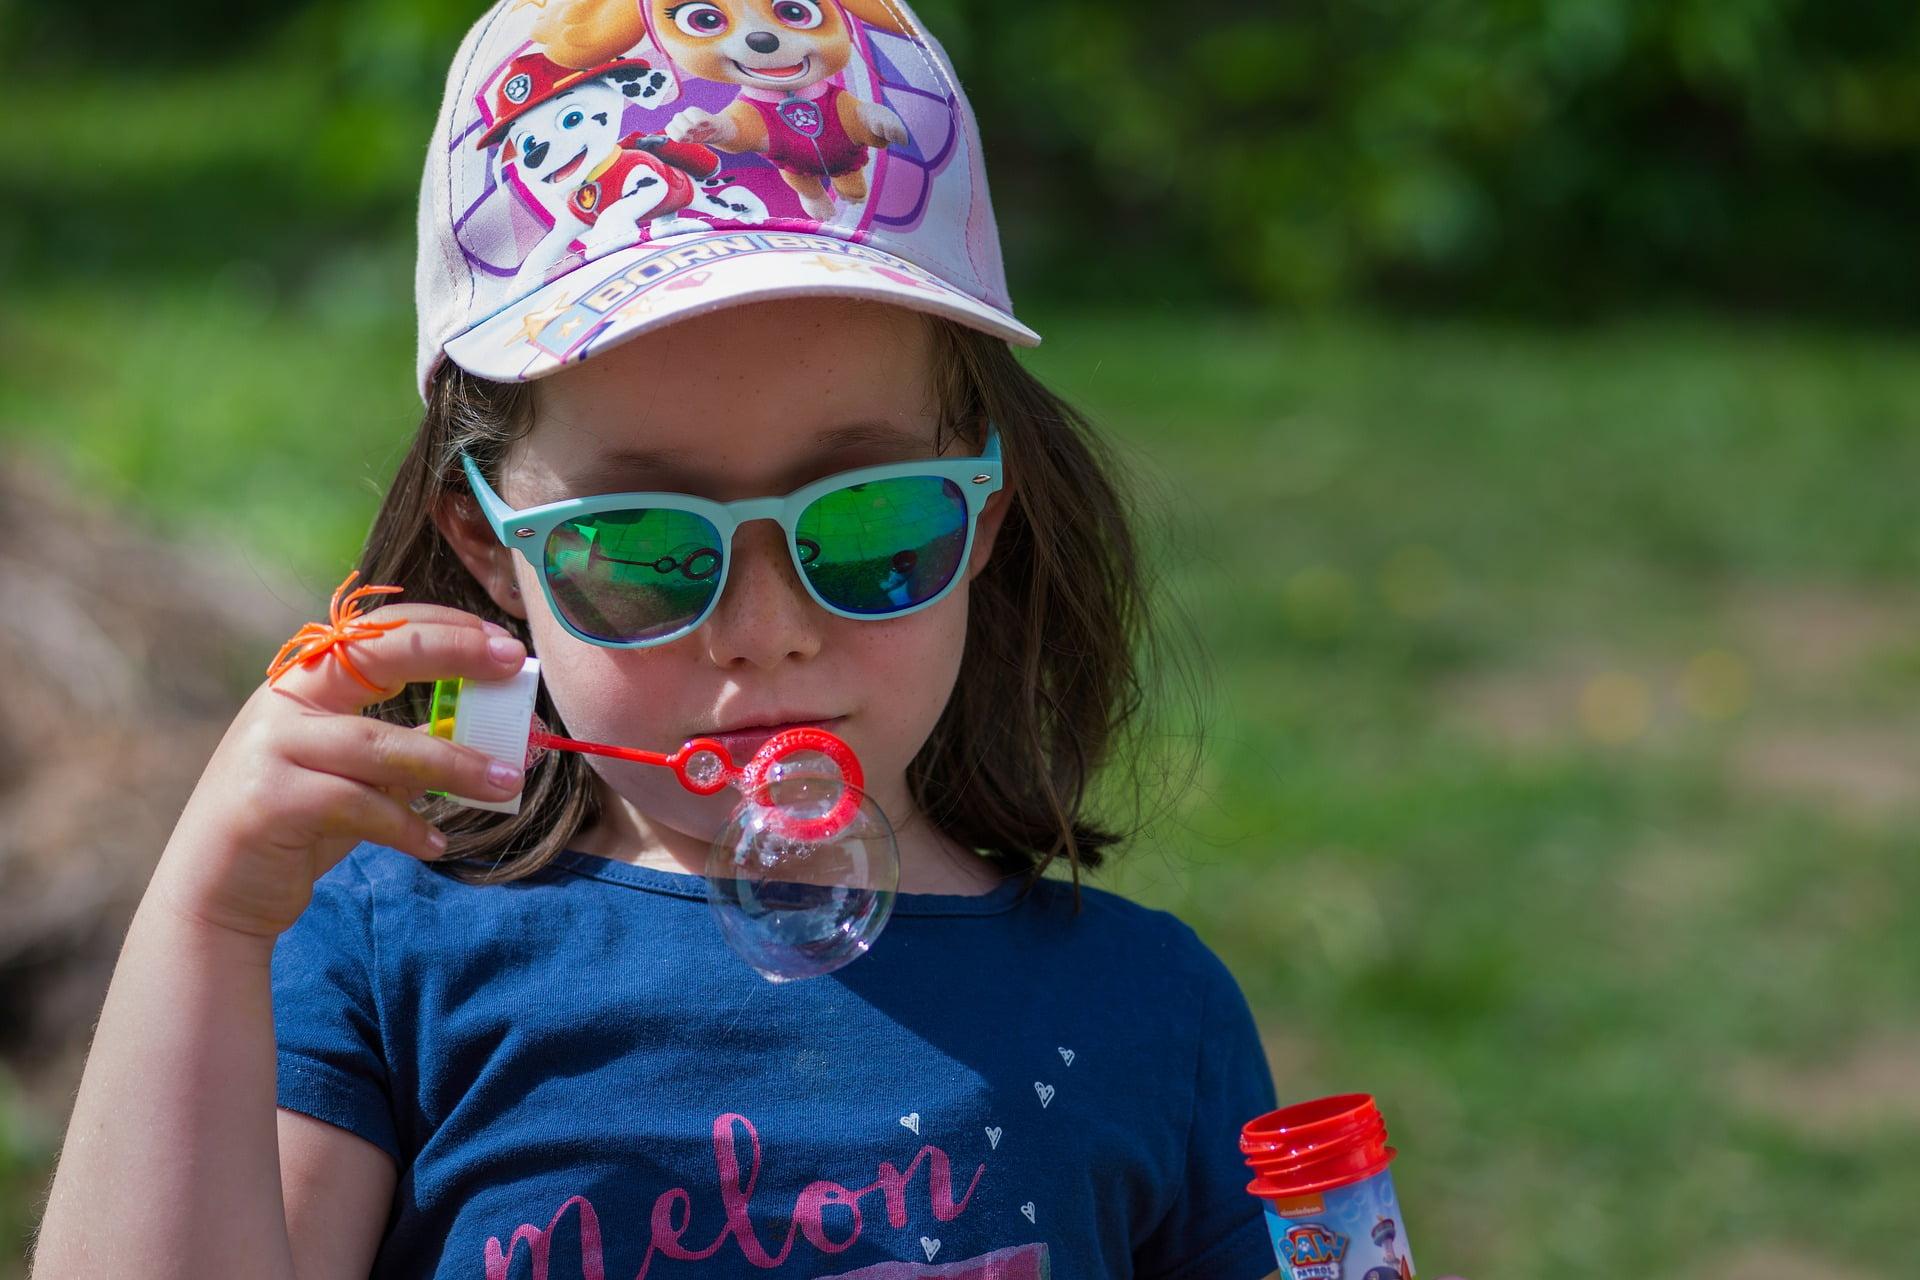 Importanța ochelarilor de soare pentru copii. 5 motive importante pentru care copiii trebuie să poarte ochelari de soare!